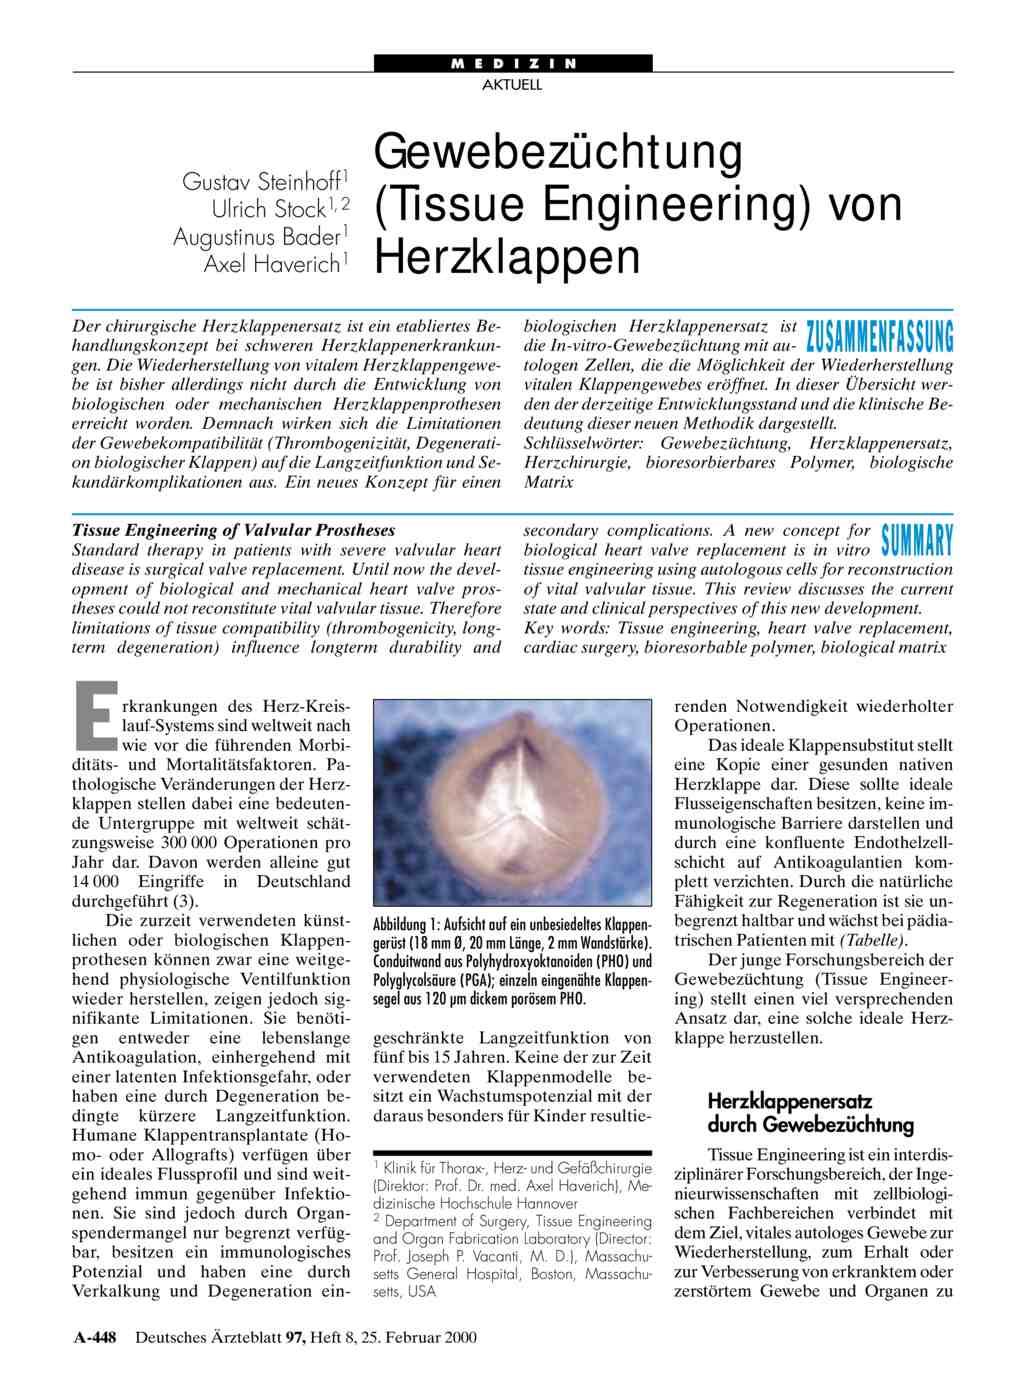 Gewebezüchtung: (Tissue Engineering) von Herzklappen